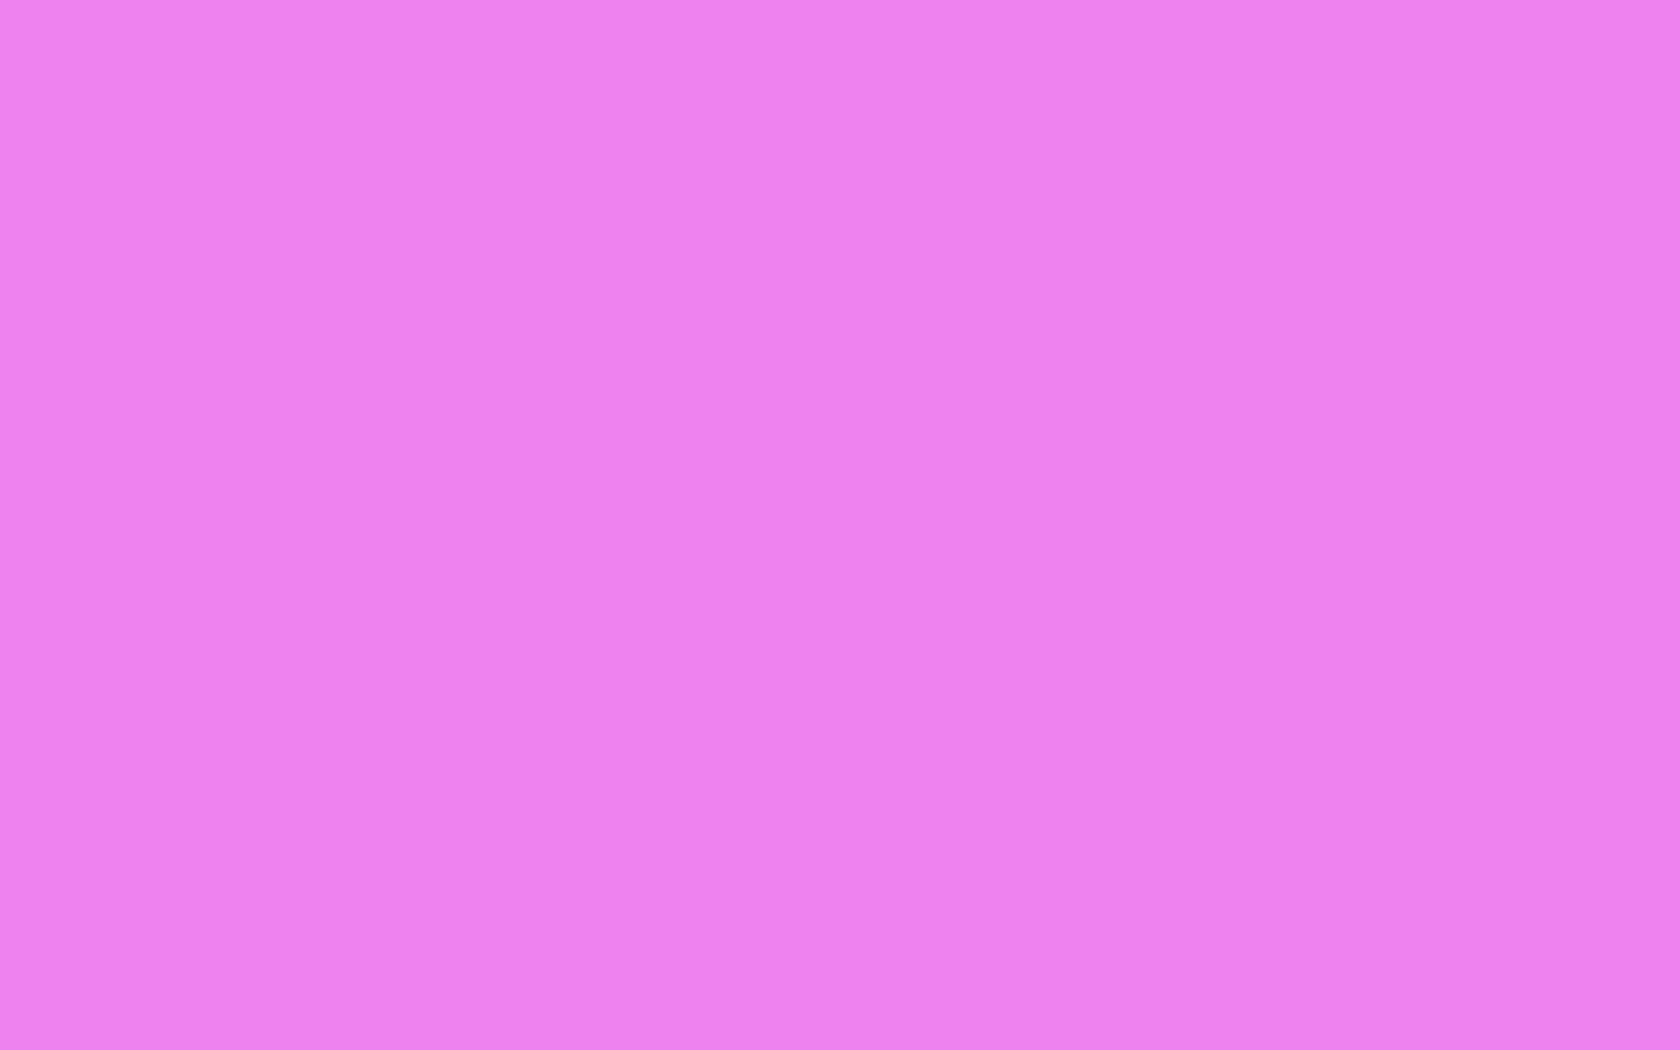 1680x1050 Lavender Magenta Solid Color Background